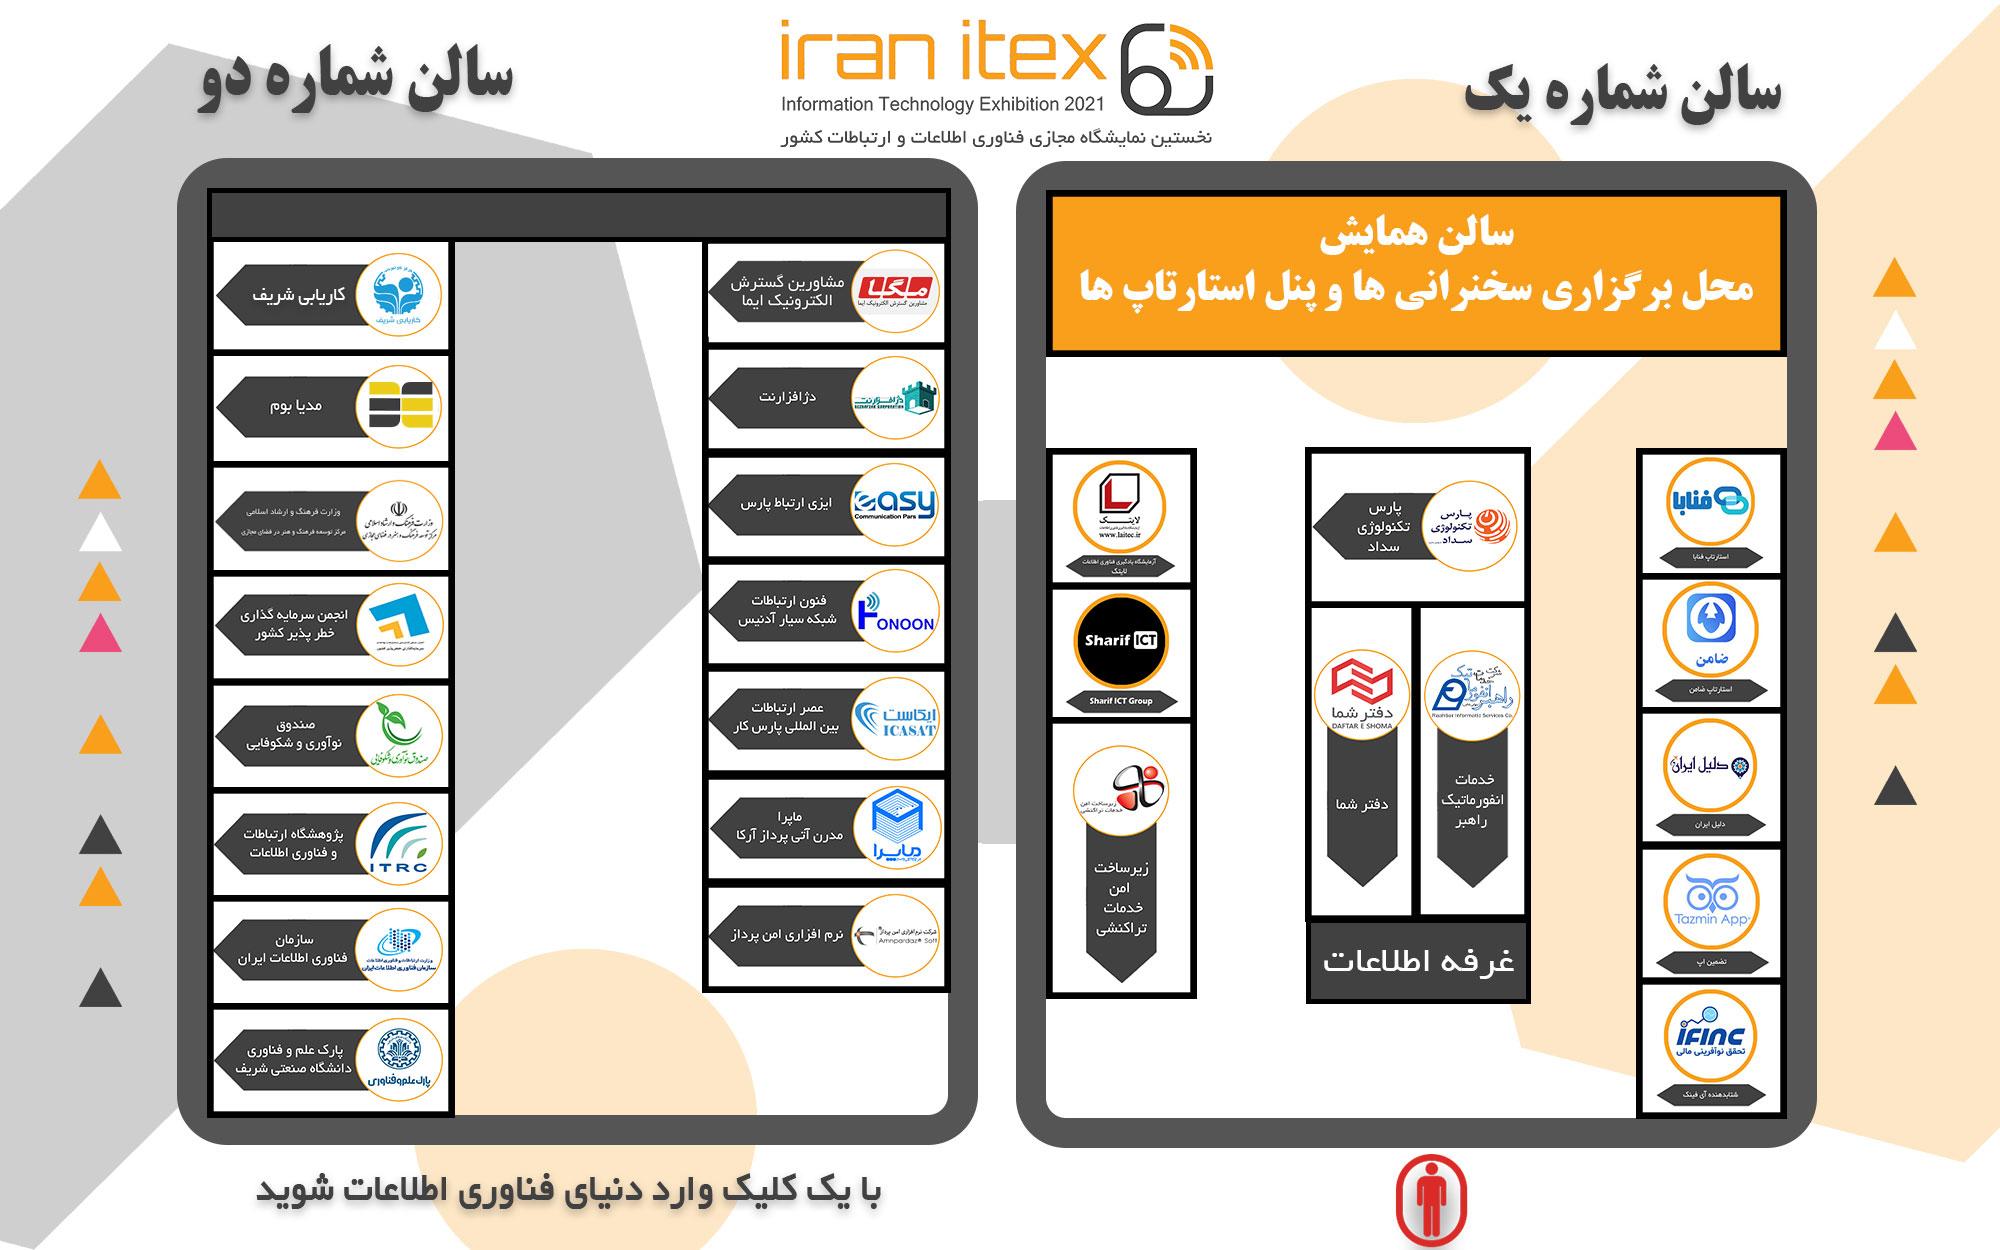 نقشه جانمایی نمایشگاه ایران ایتکس